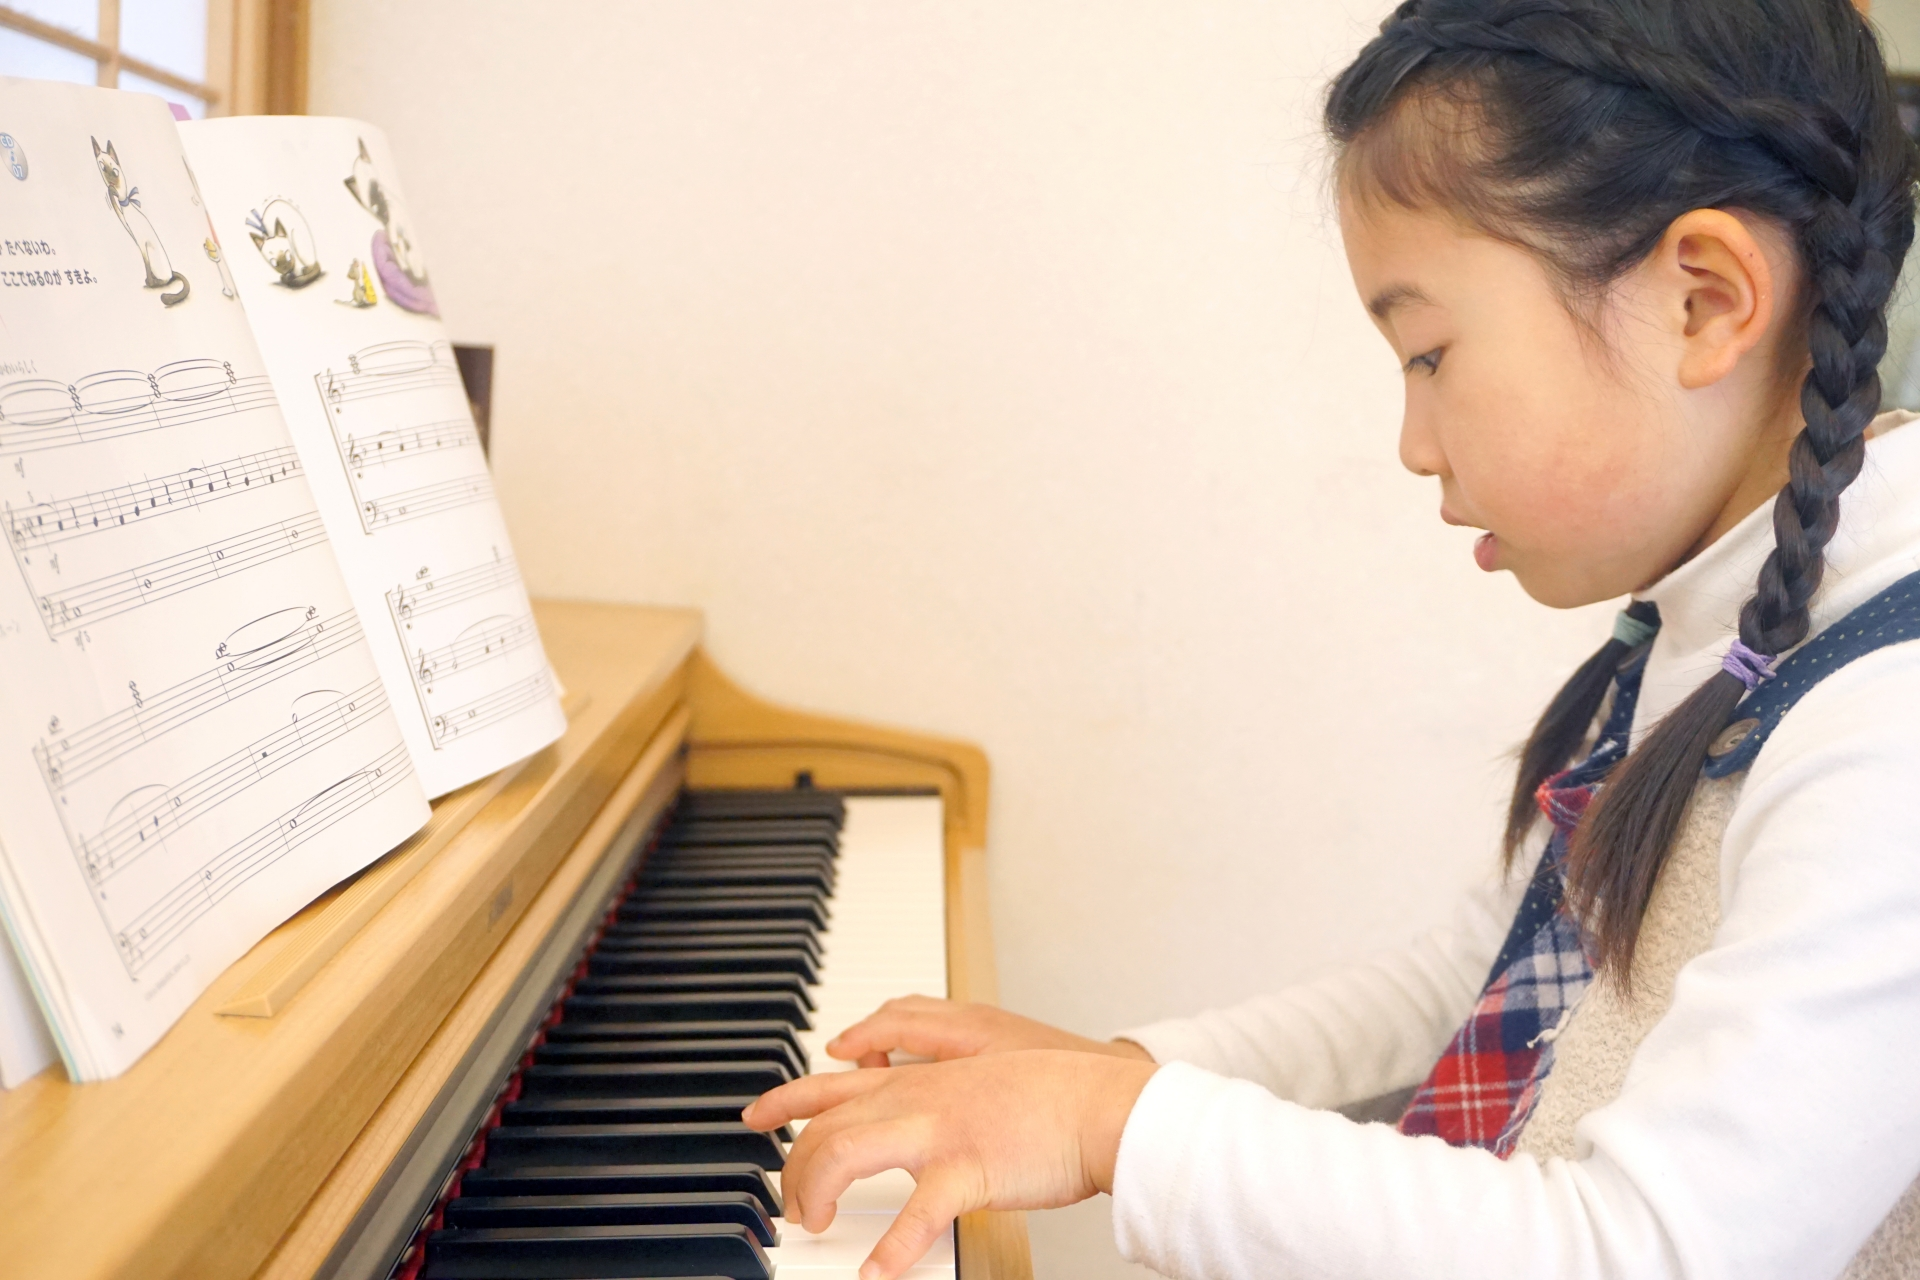 趣味のピアノでどのレベルまで目指す?自分のレベルが分かる曲も紹介